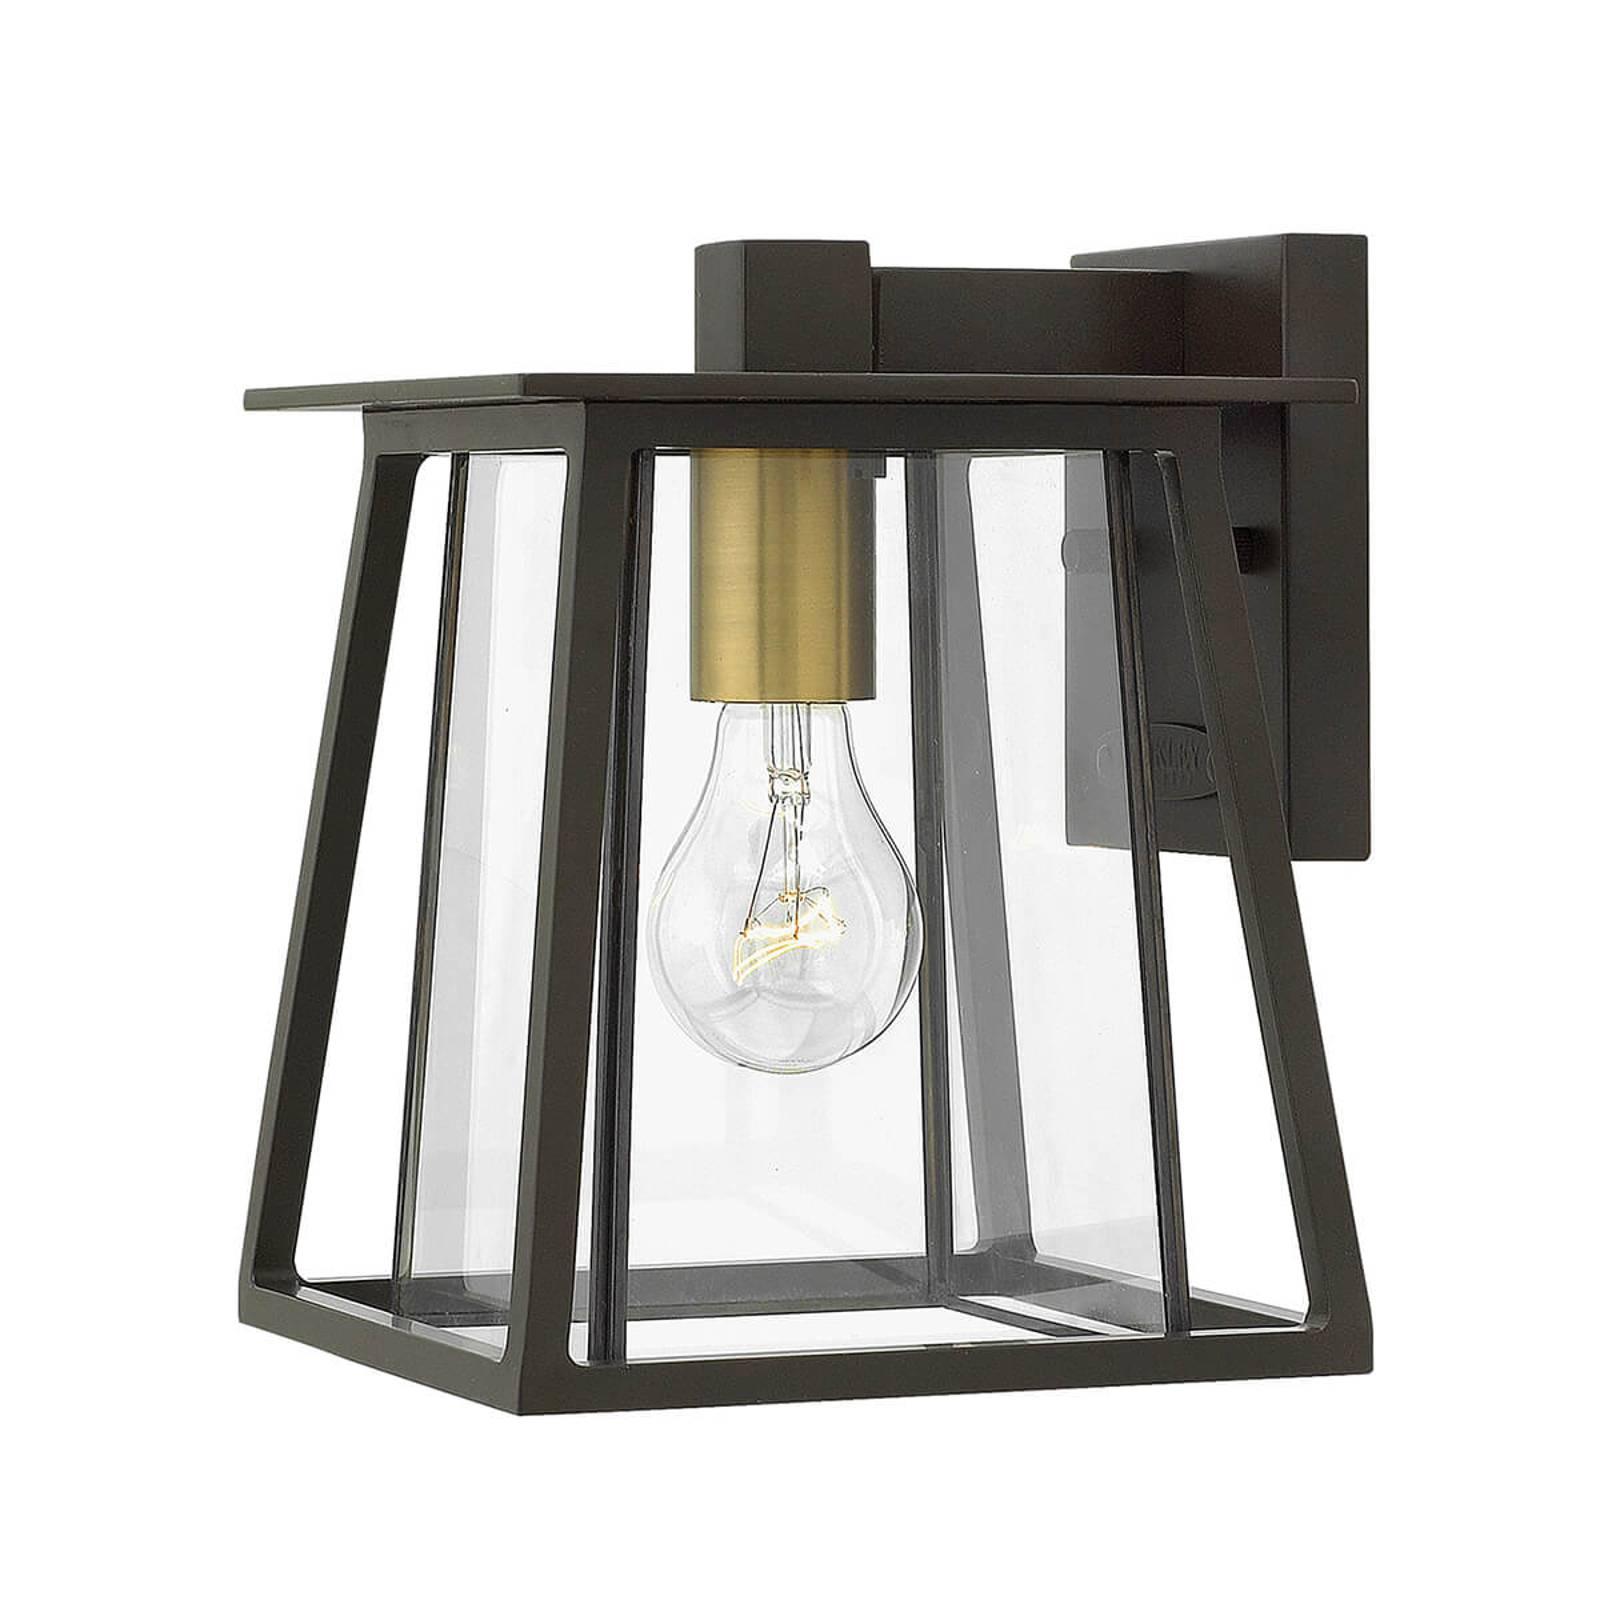 Walker-ulkoseinävalaisin 1-lamppuinen – pieni